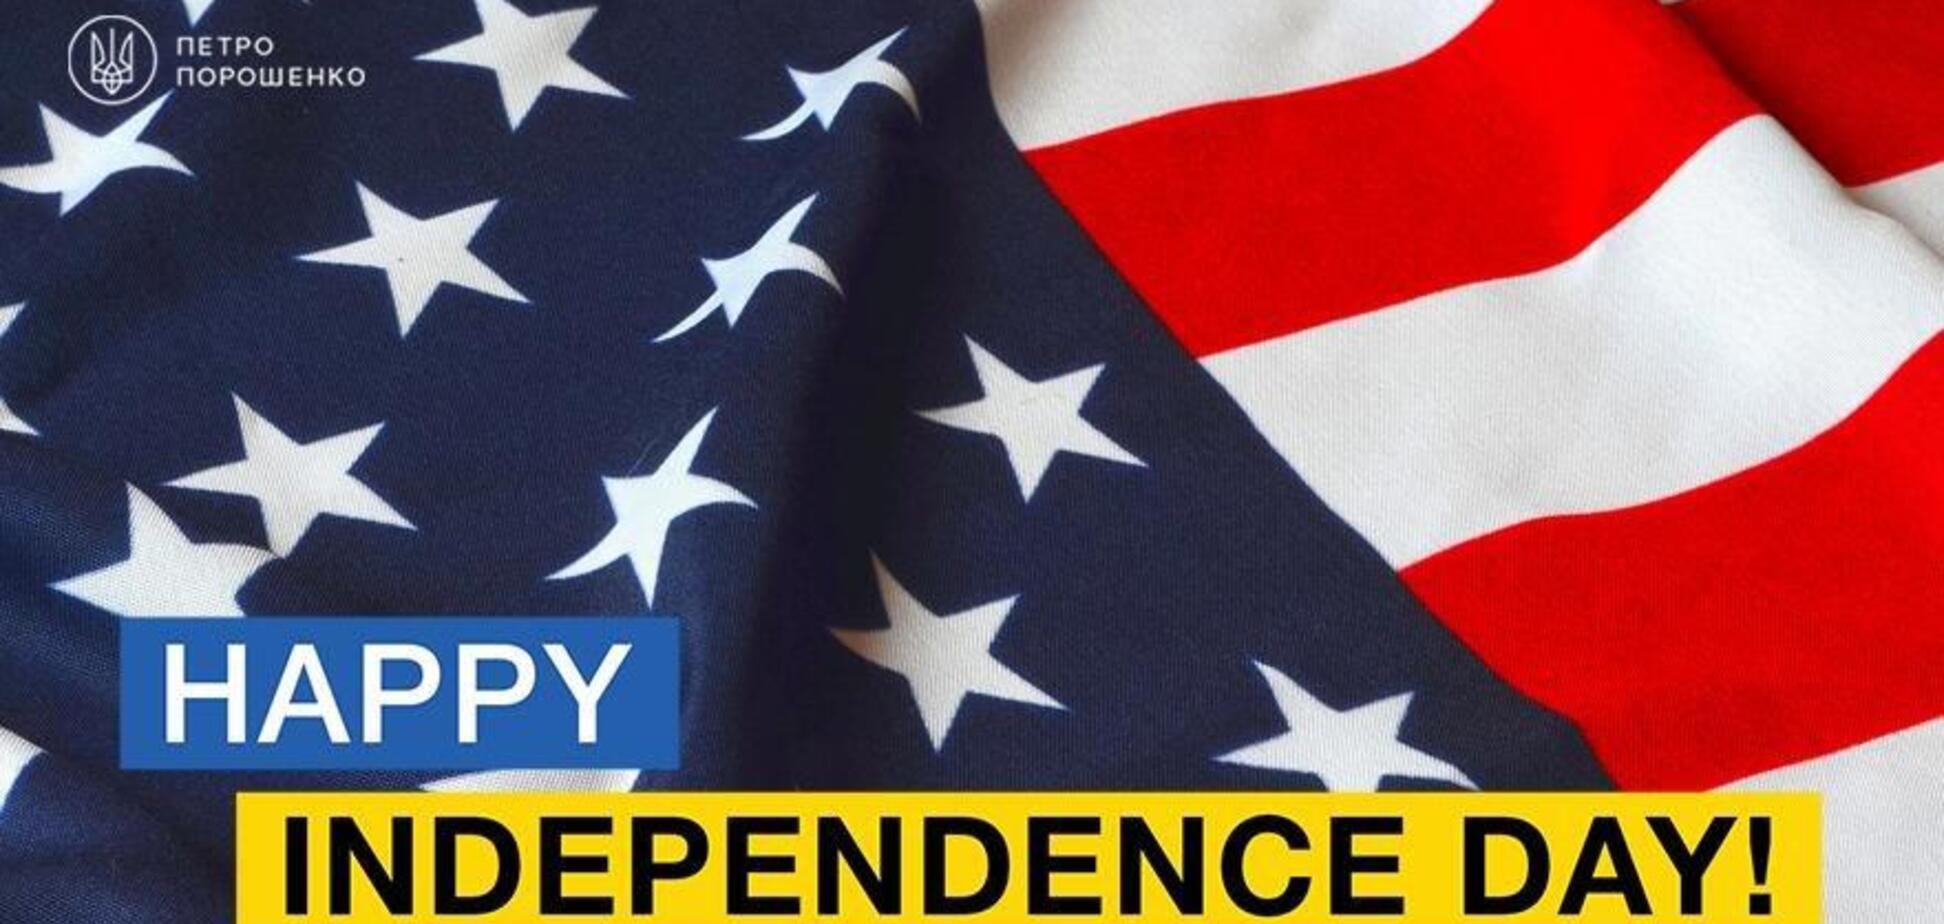 Ніхто не підірве наш союз, – Порошенко про День незалежності США